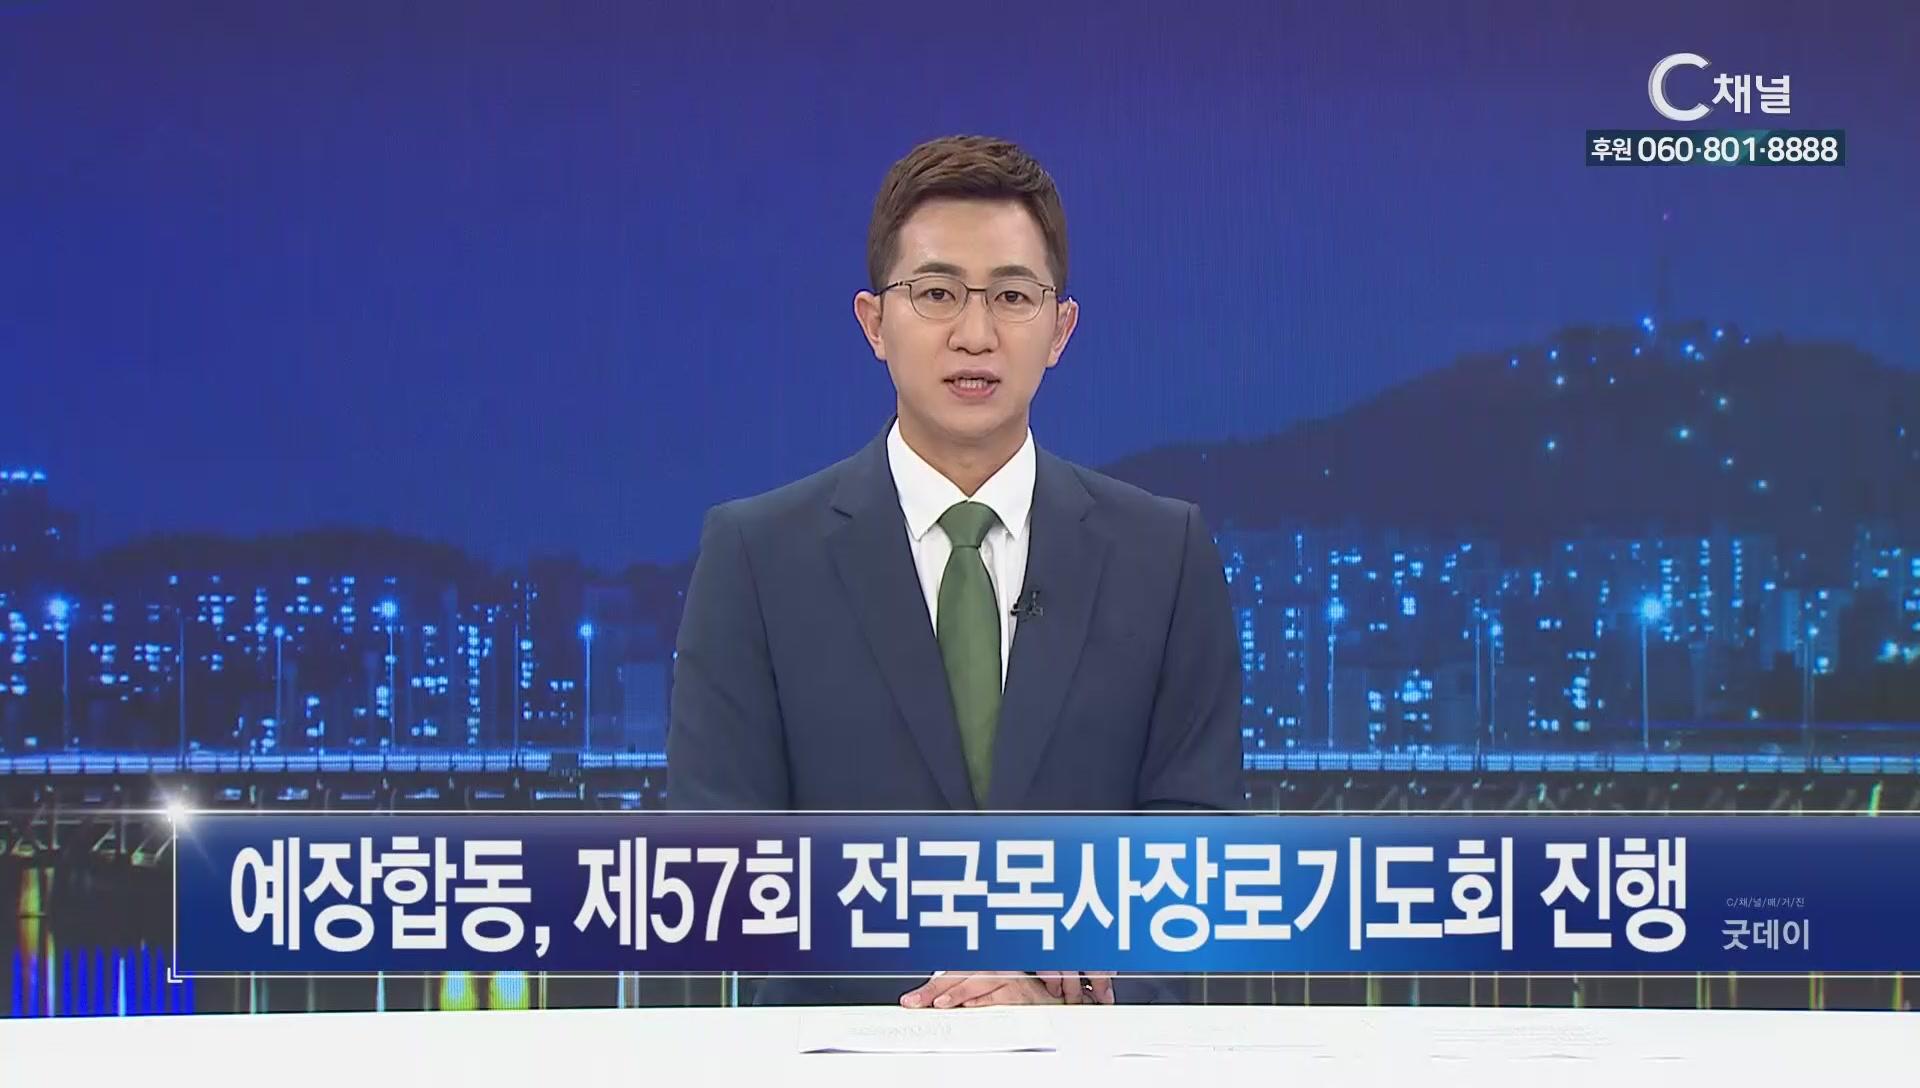 C채널 매거진 굿데이 2020년 07월 01일 C채널 뉴스